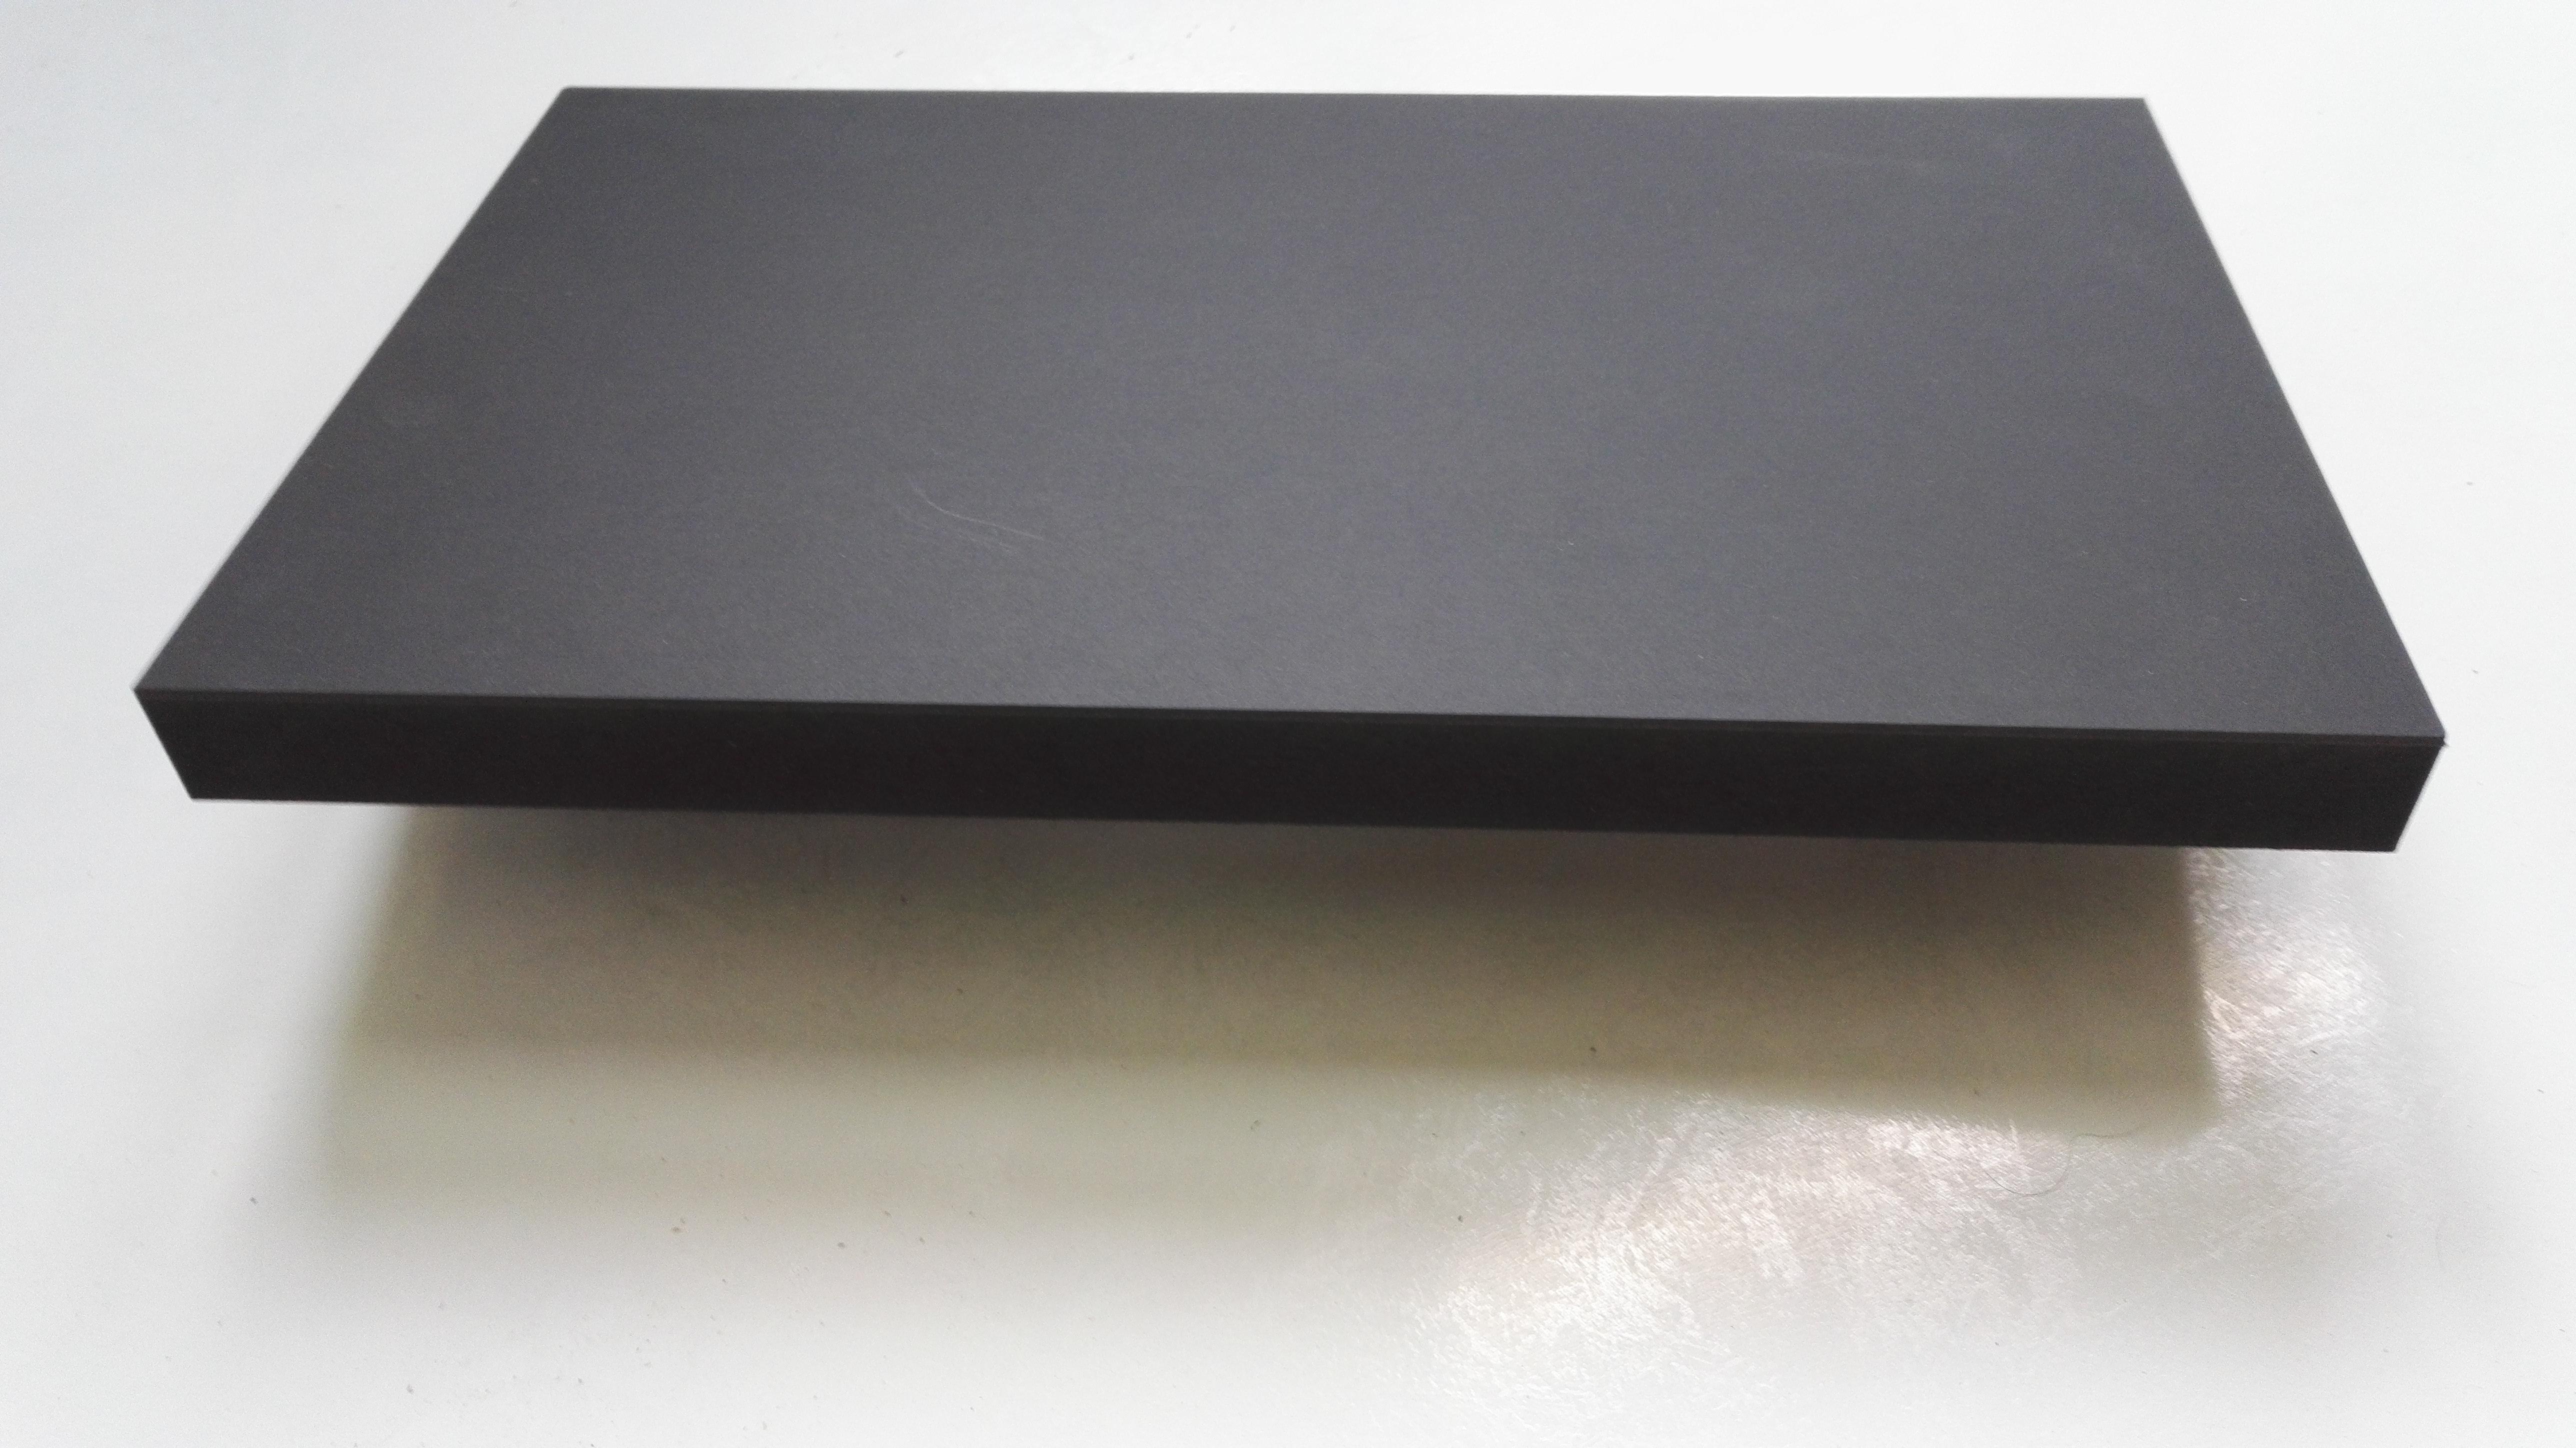 lautsprecherbau thomaier schallwand zuschnitt mdf schwarz 19 mm einseitig mit linoleum schwarz. Black Bedroom Furniture Sets. Home Design Ideas